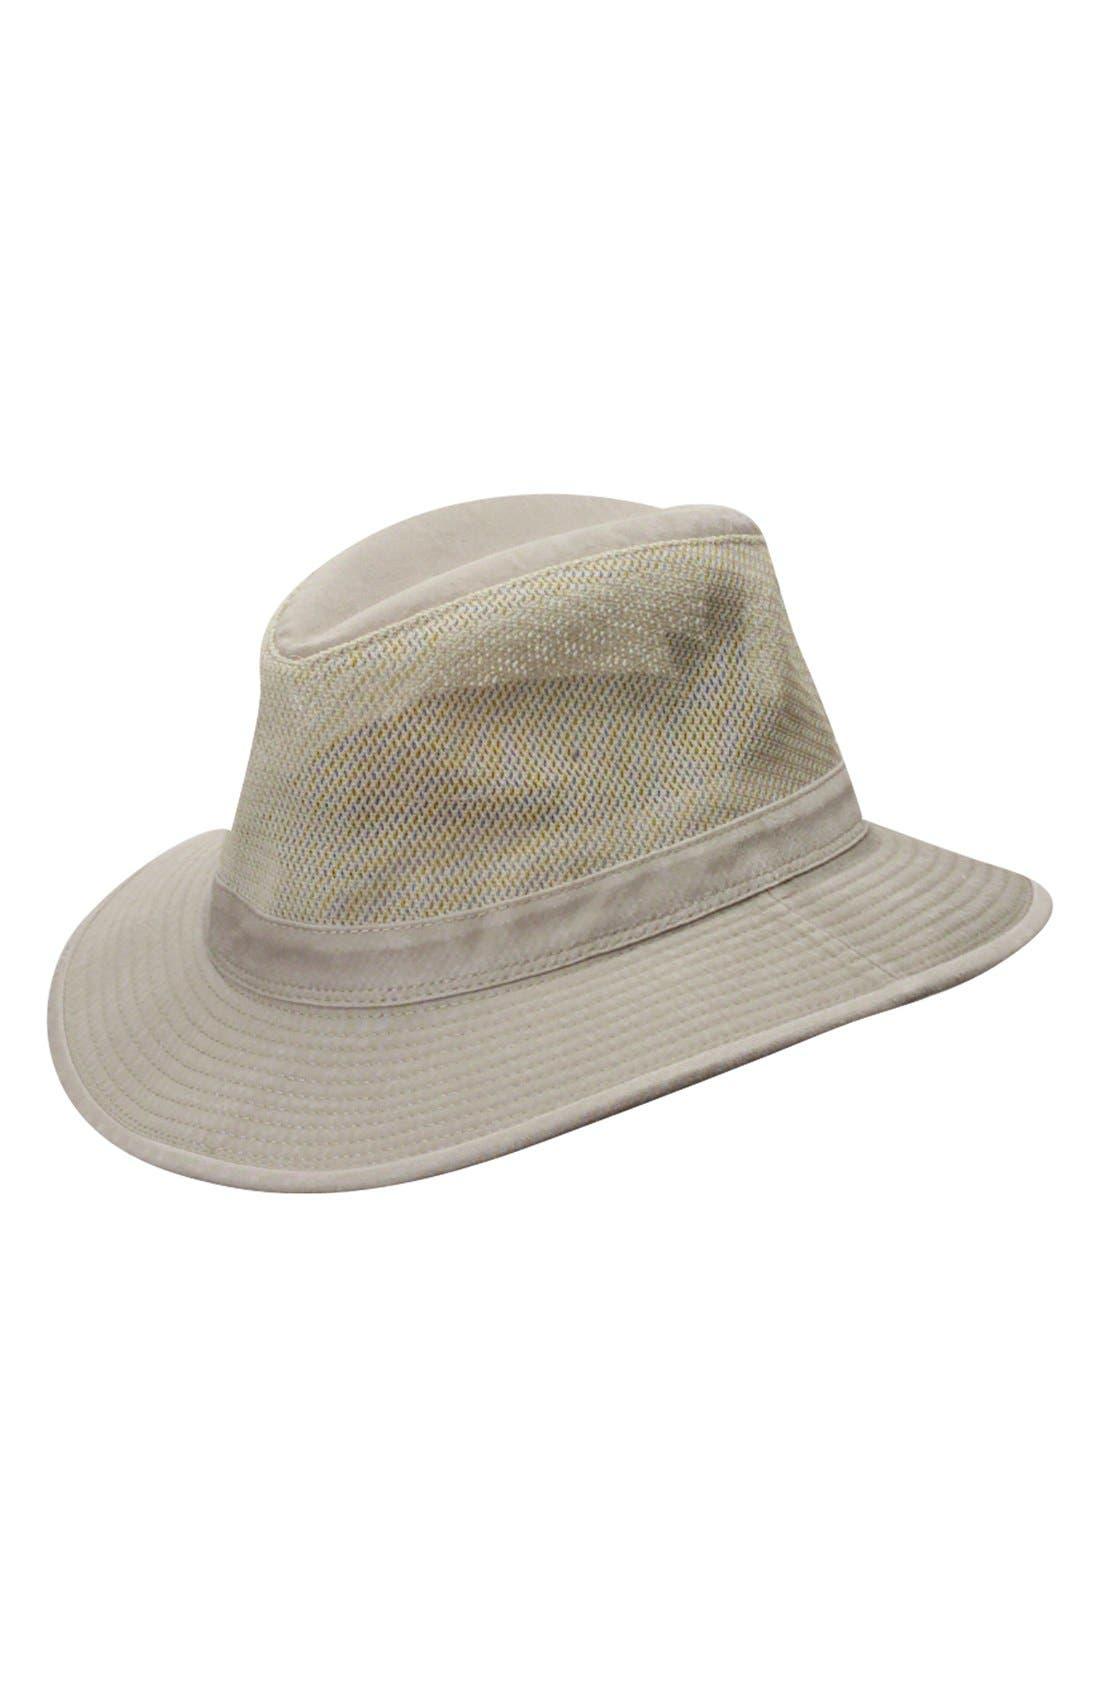 Main Image - Dorfman Pacific Washed Twill & Mesh Safari Hat